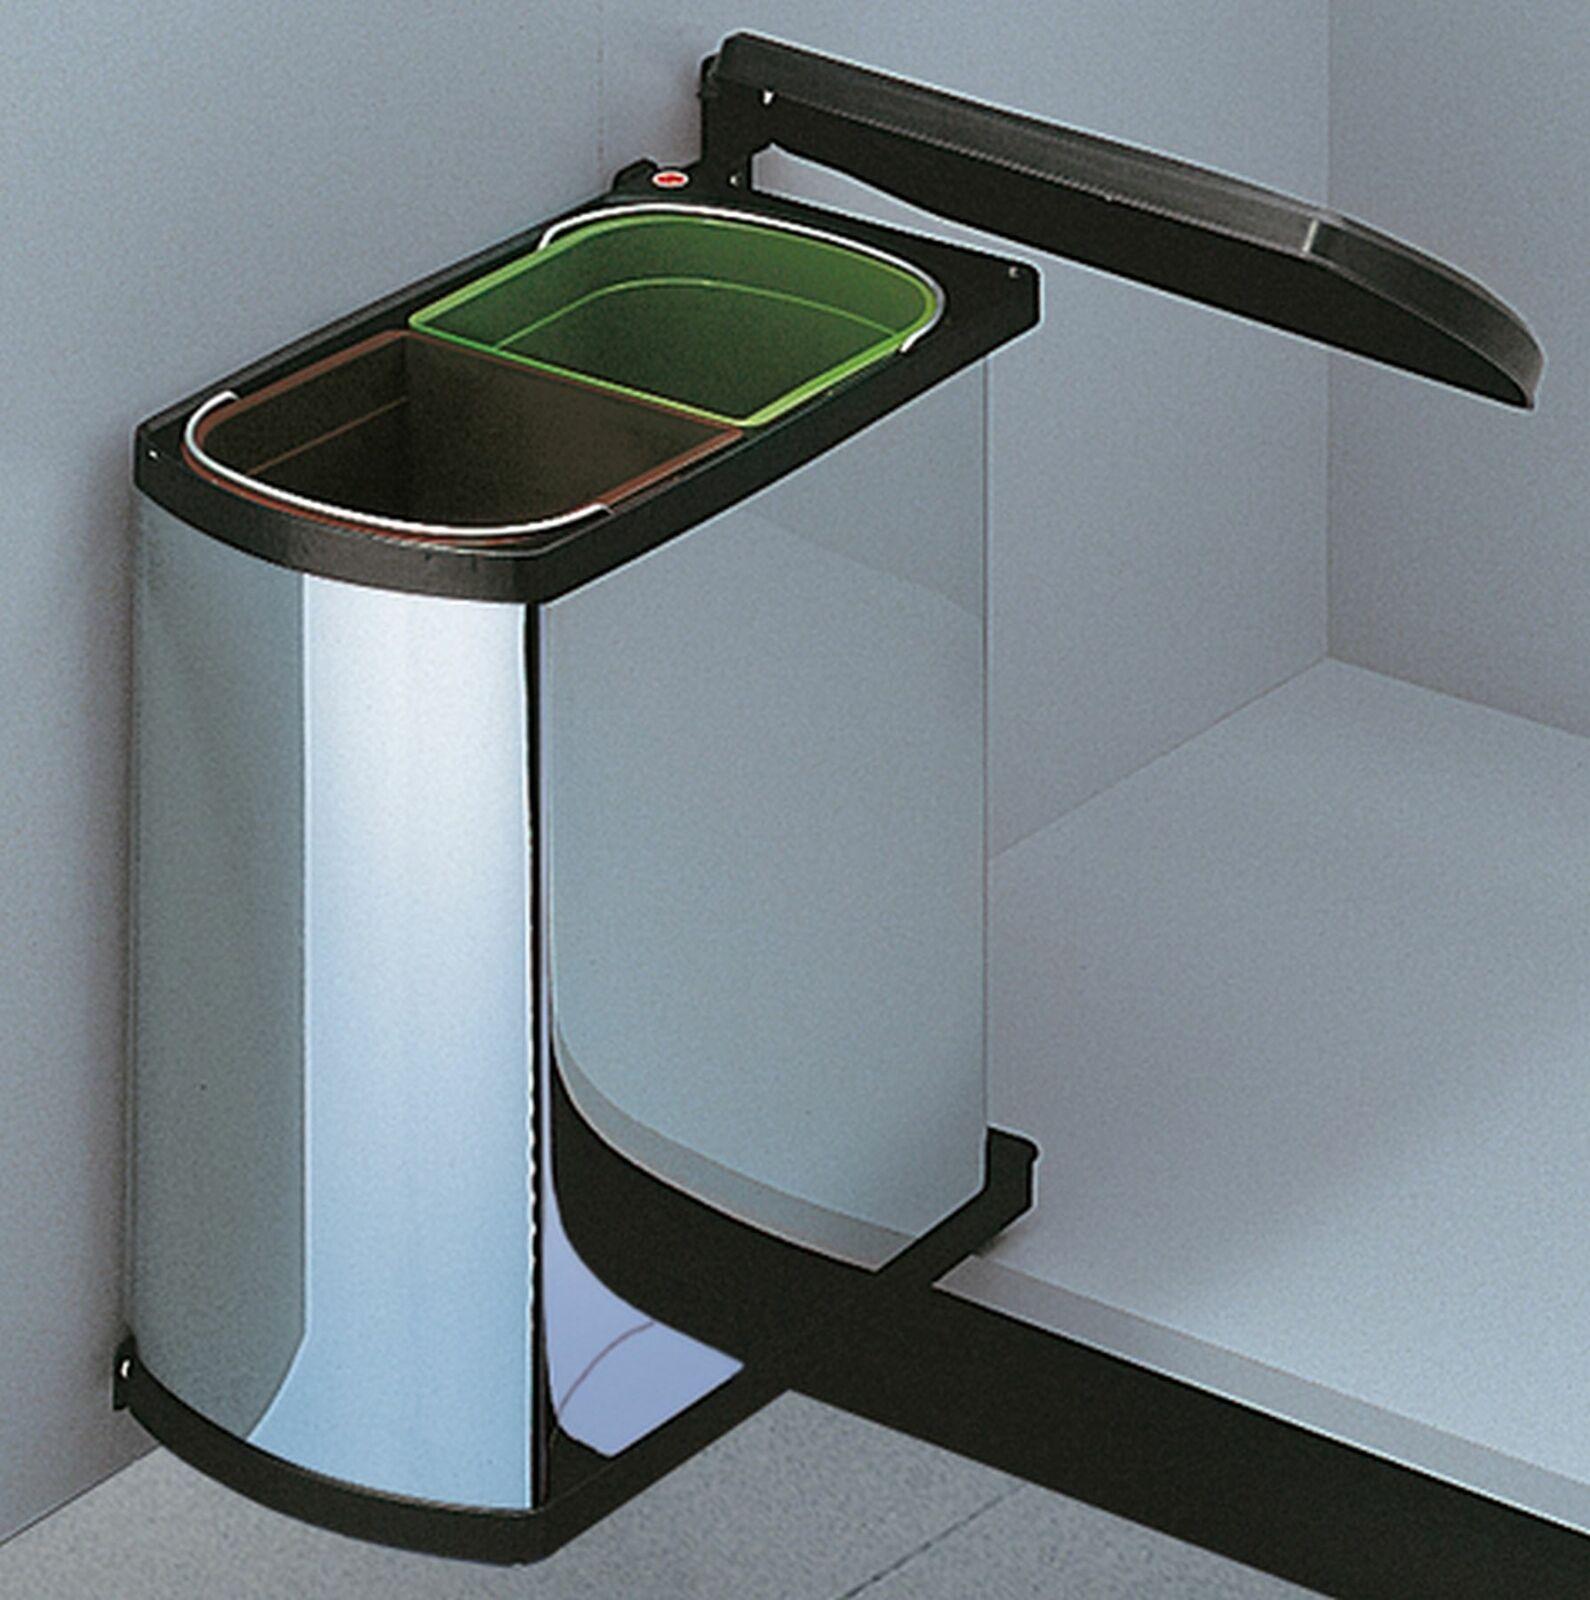 Einbau Mülleimer Küche 16L Hailo Duo Abfalleimer Mülltrennung Müllsystem  *516186